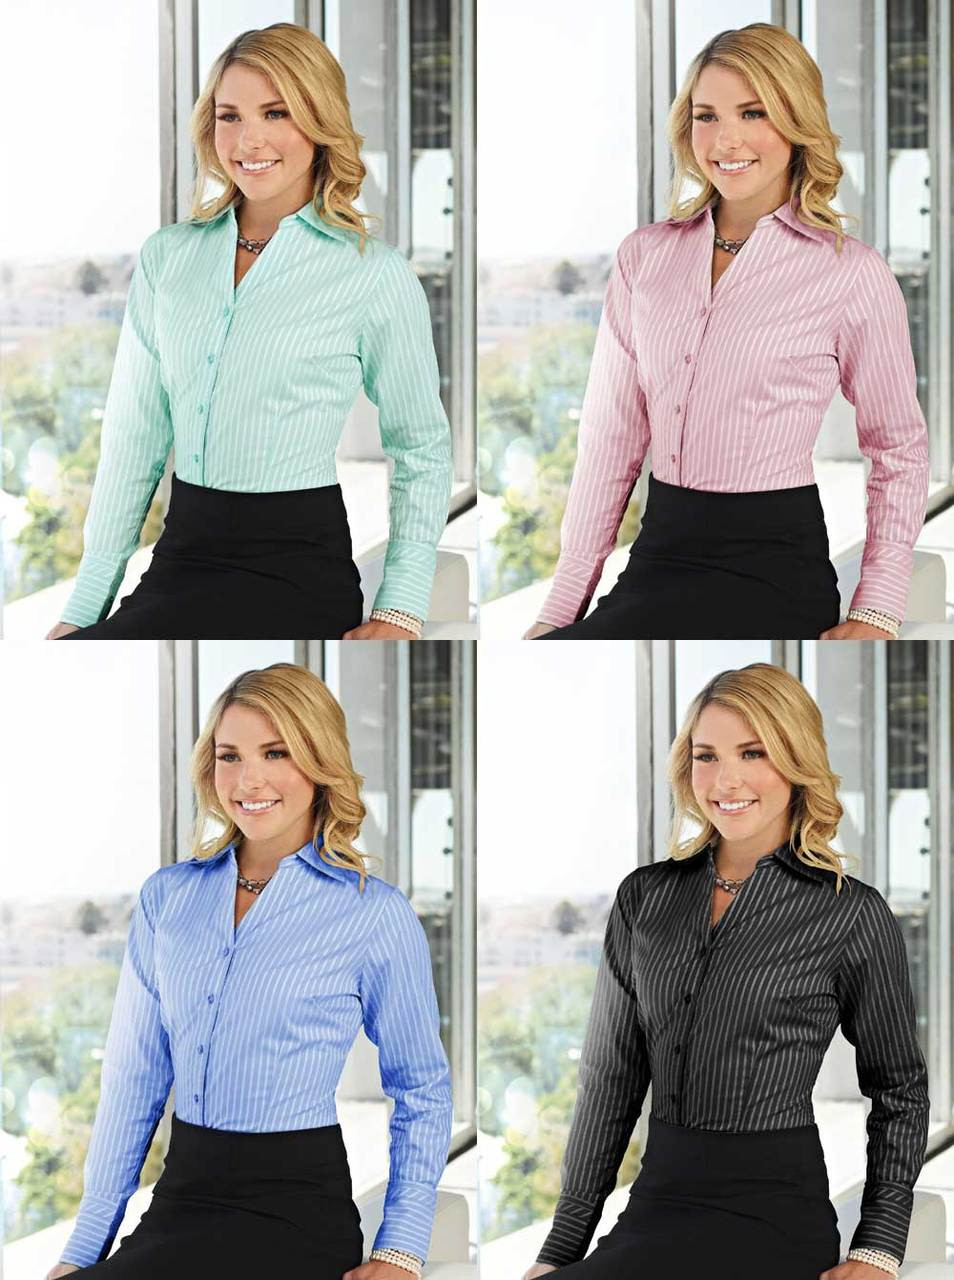 Open neck uniform blouse in different colors